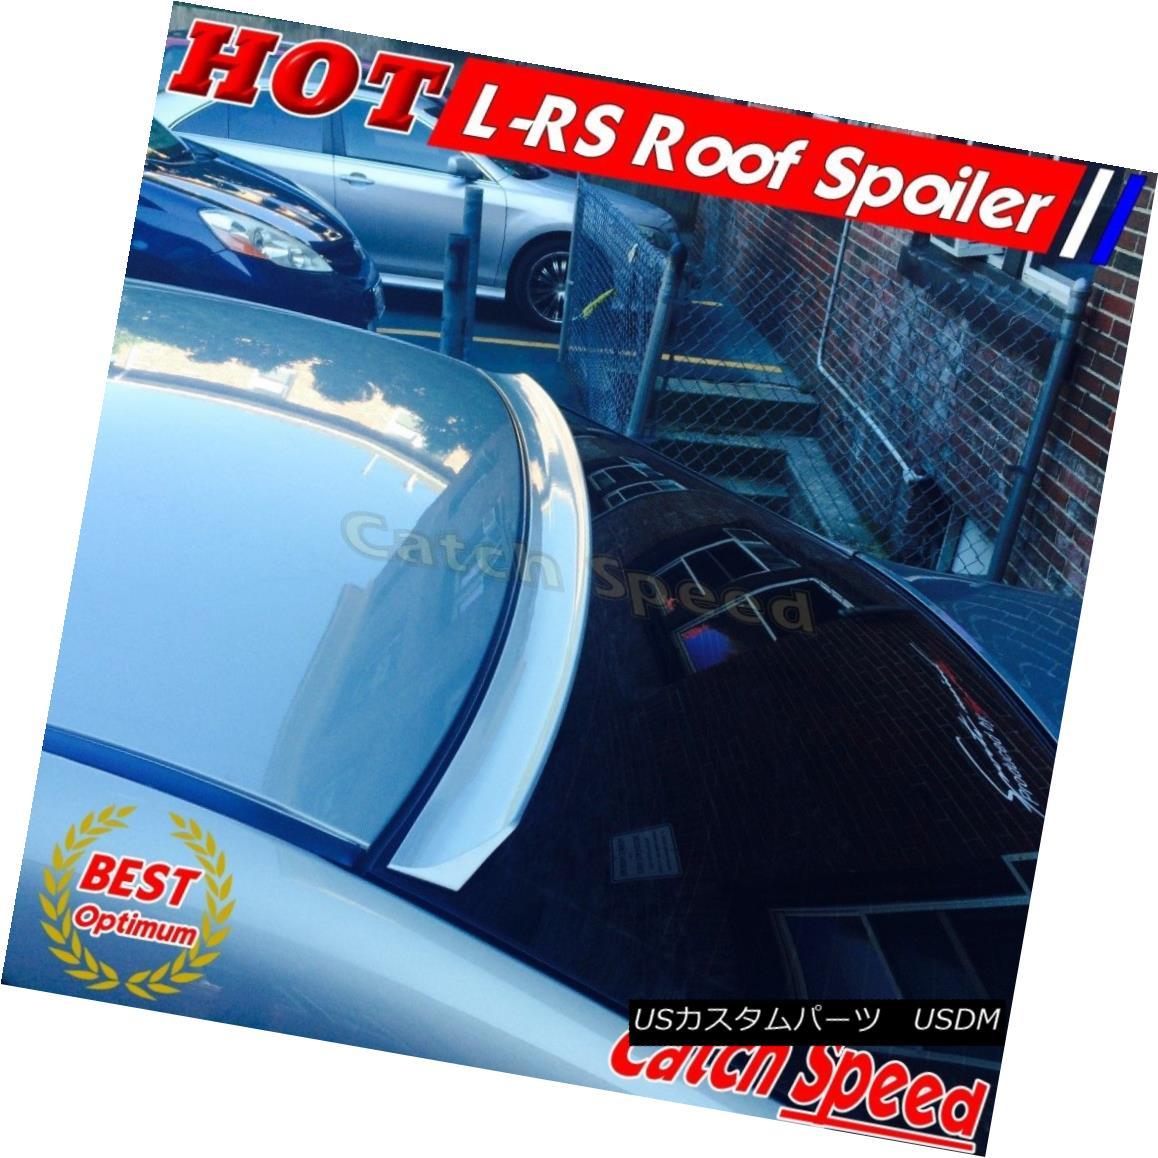 エアロパーツ Flat Black LRS Type Rear Roof Spoiler Wing For Buick Excelle GT Sedan 2009-15 ? ビュイックエクセルGTセダンのフラットブラックLRSタイプリアルーフスポイラーウィング2009-15?